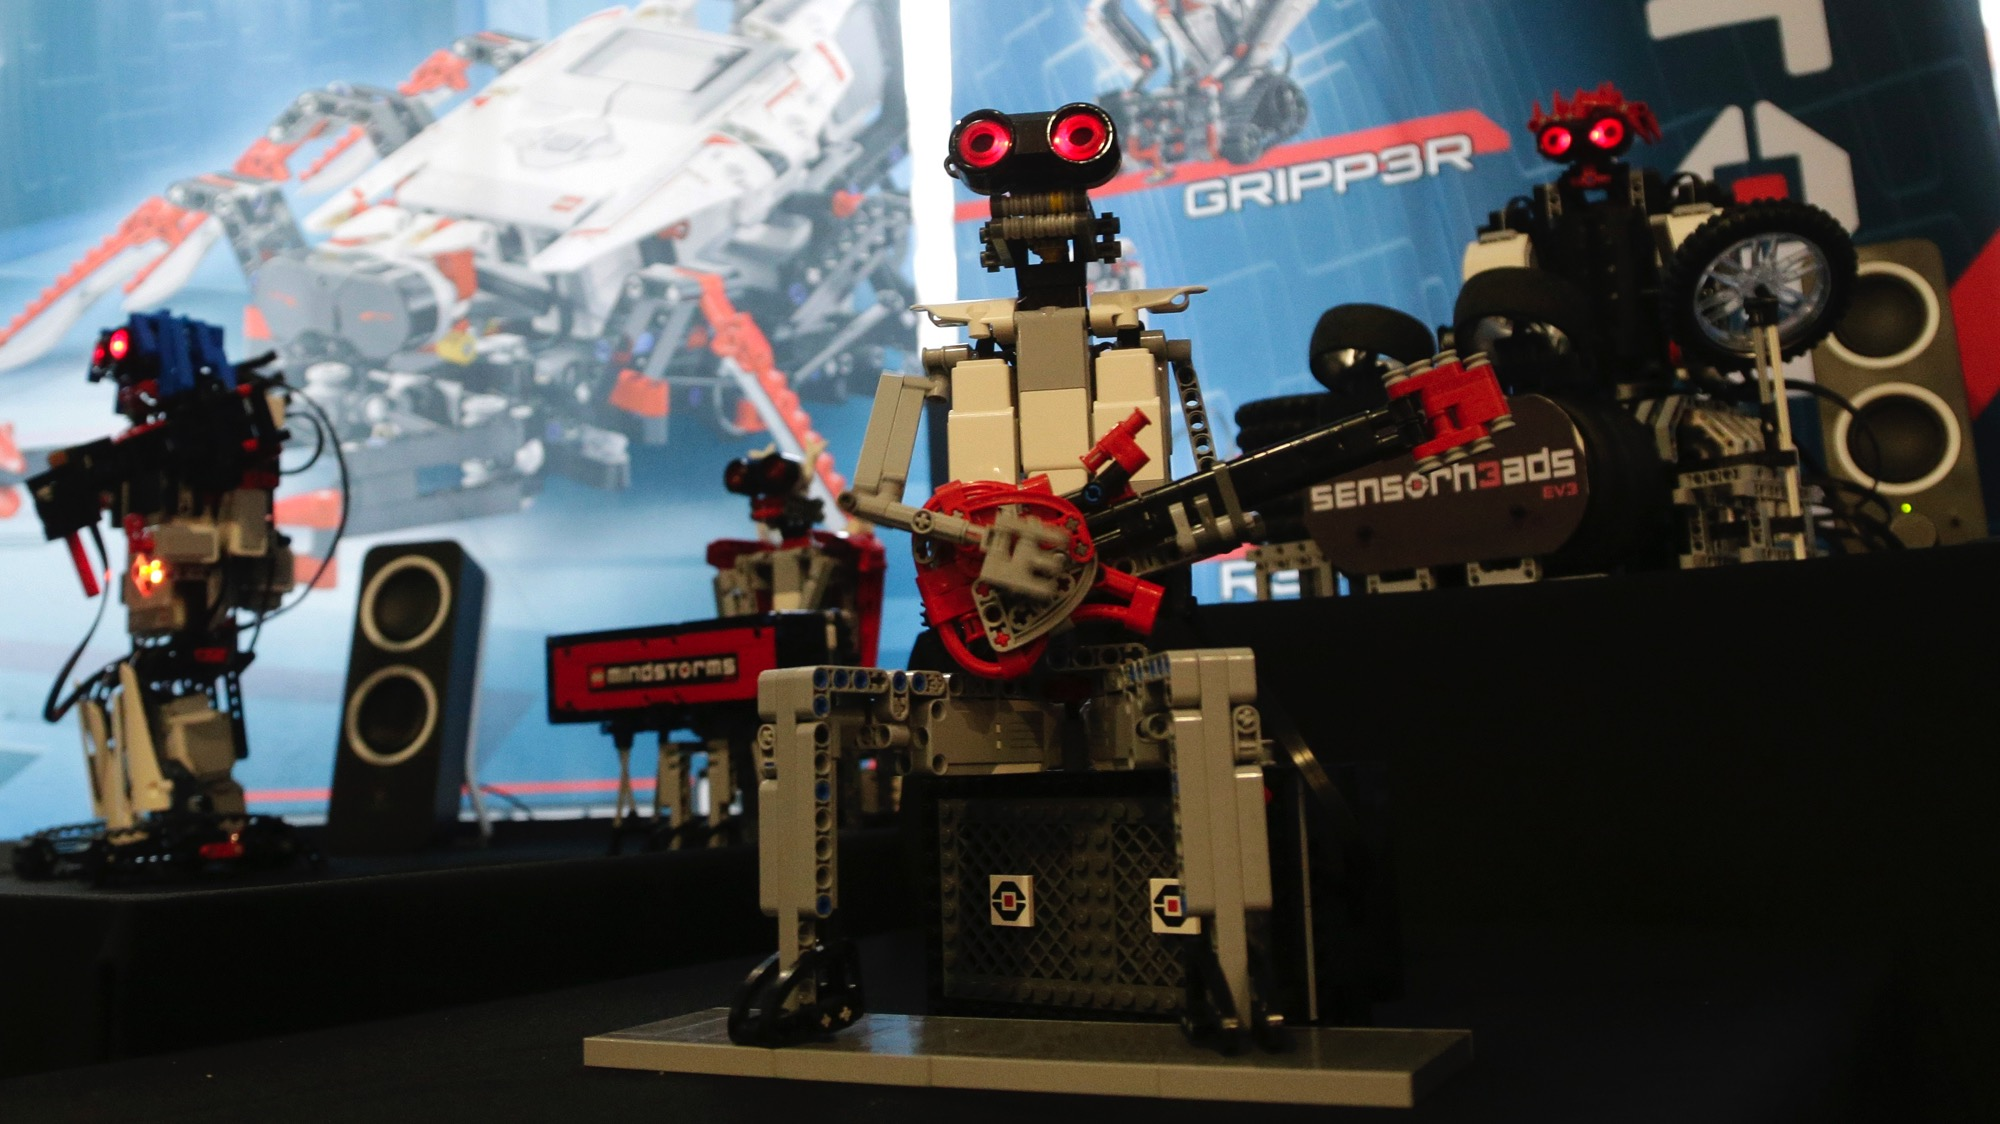 Czech Republic Robot Festival